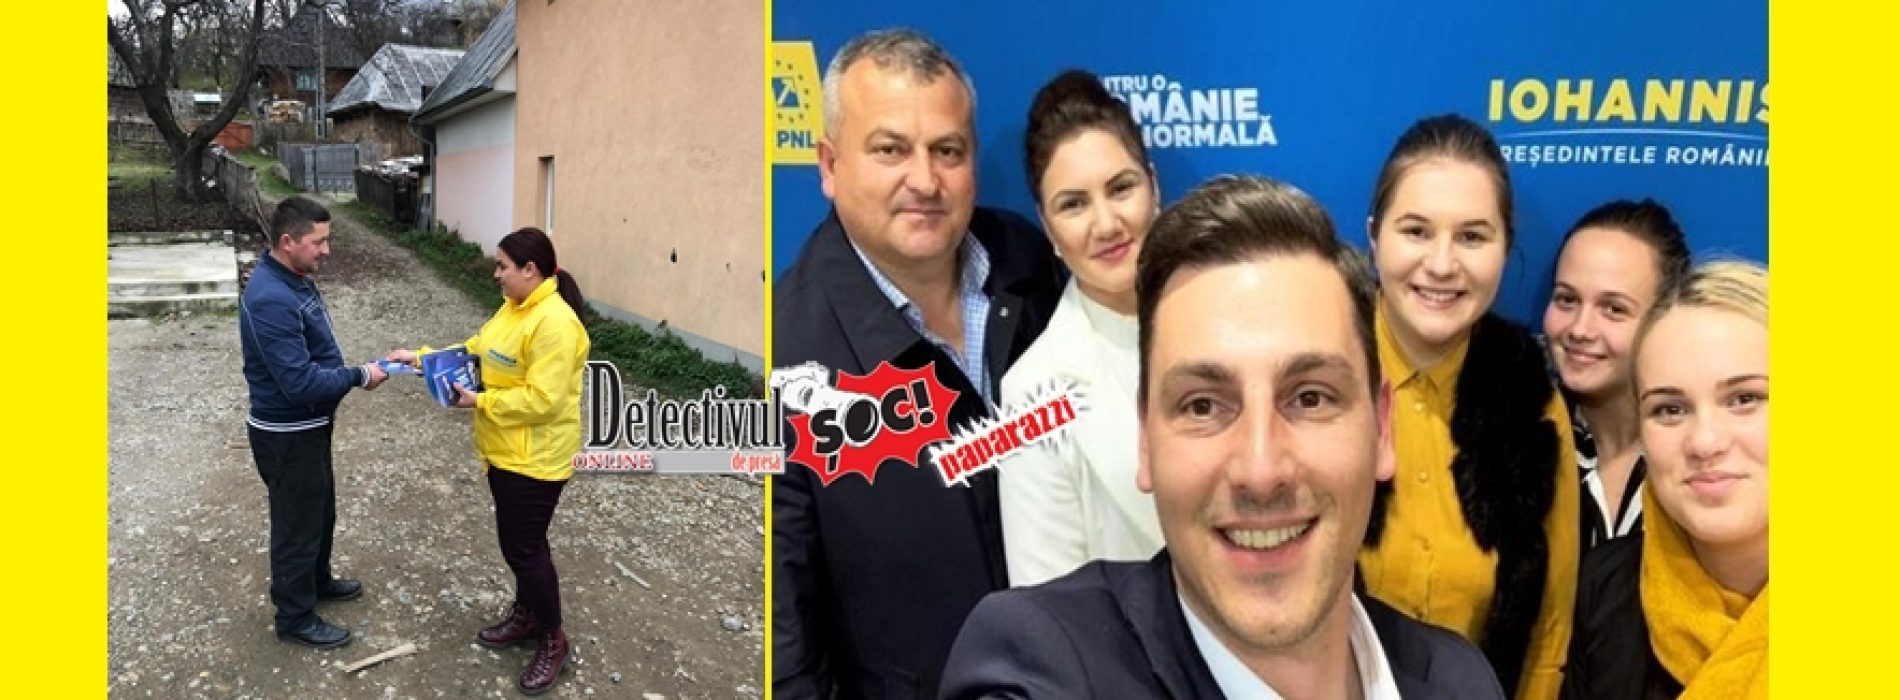 BUDEȘTIUL a ales ROMÂNIA NORMALĂ. Klaus Iohannis a câștigat cu 61% în INIMA PSD